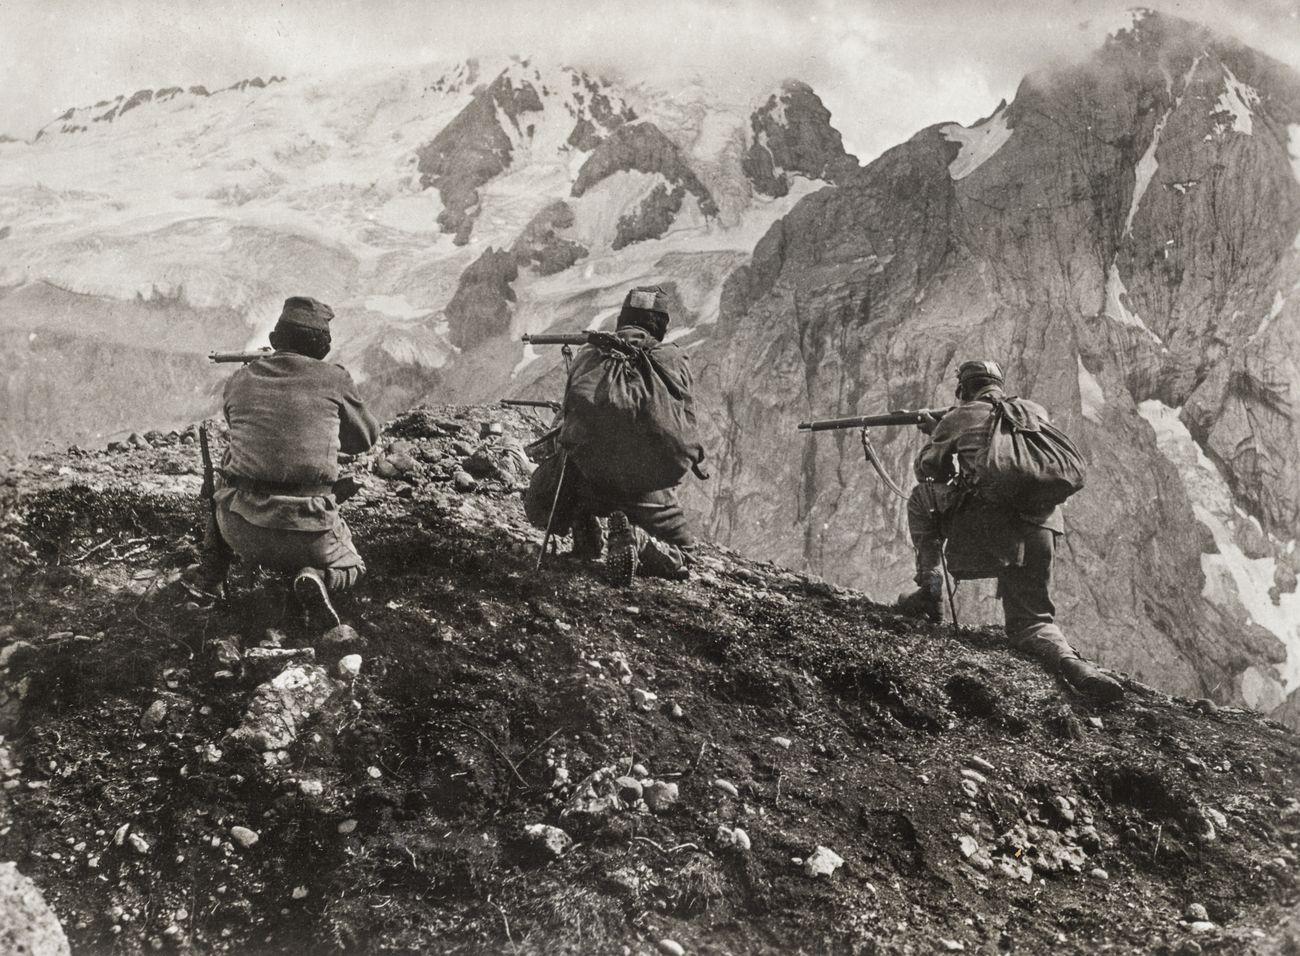 Alice Schalek, Tireurs au Pordoi, Dolomites, Italie, 1915 © Österreichische Nationalbibliothe, Vienna